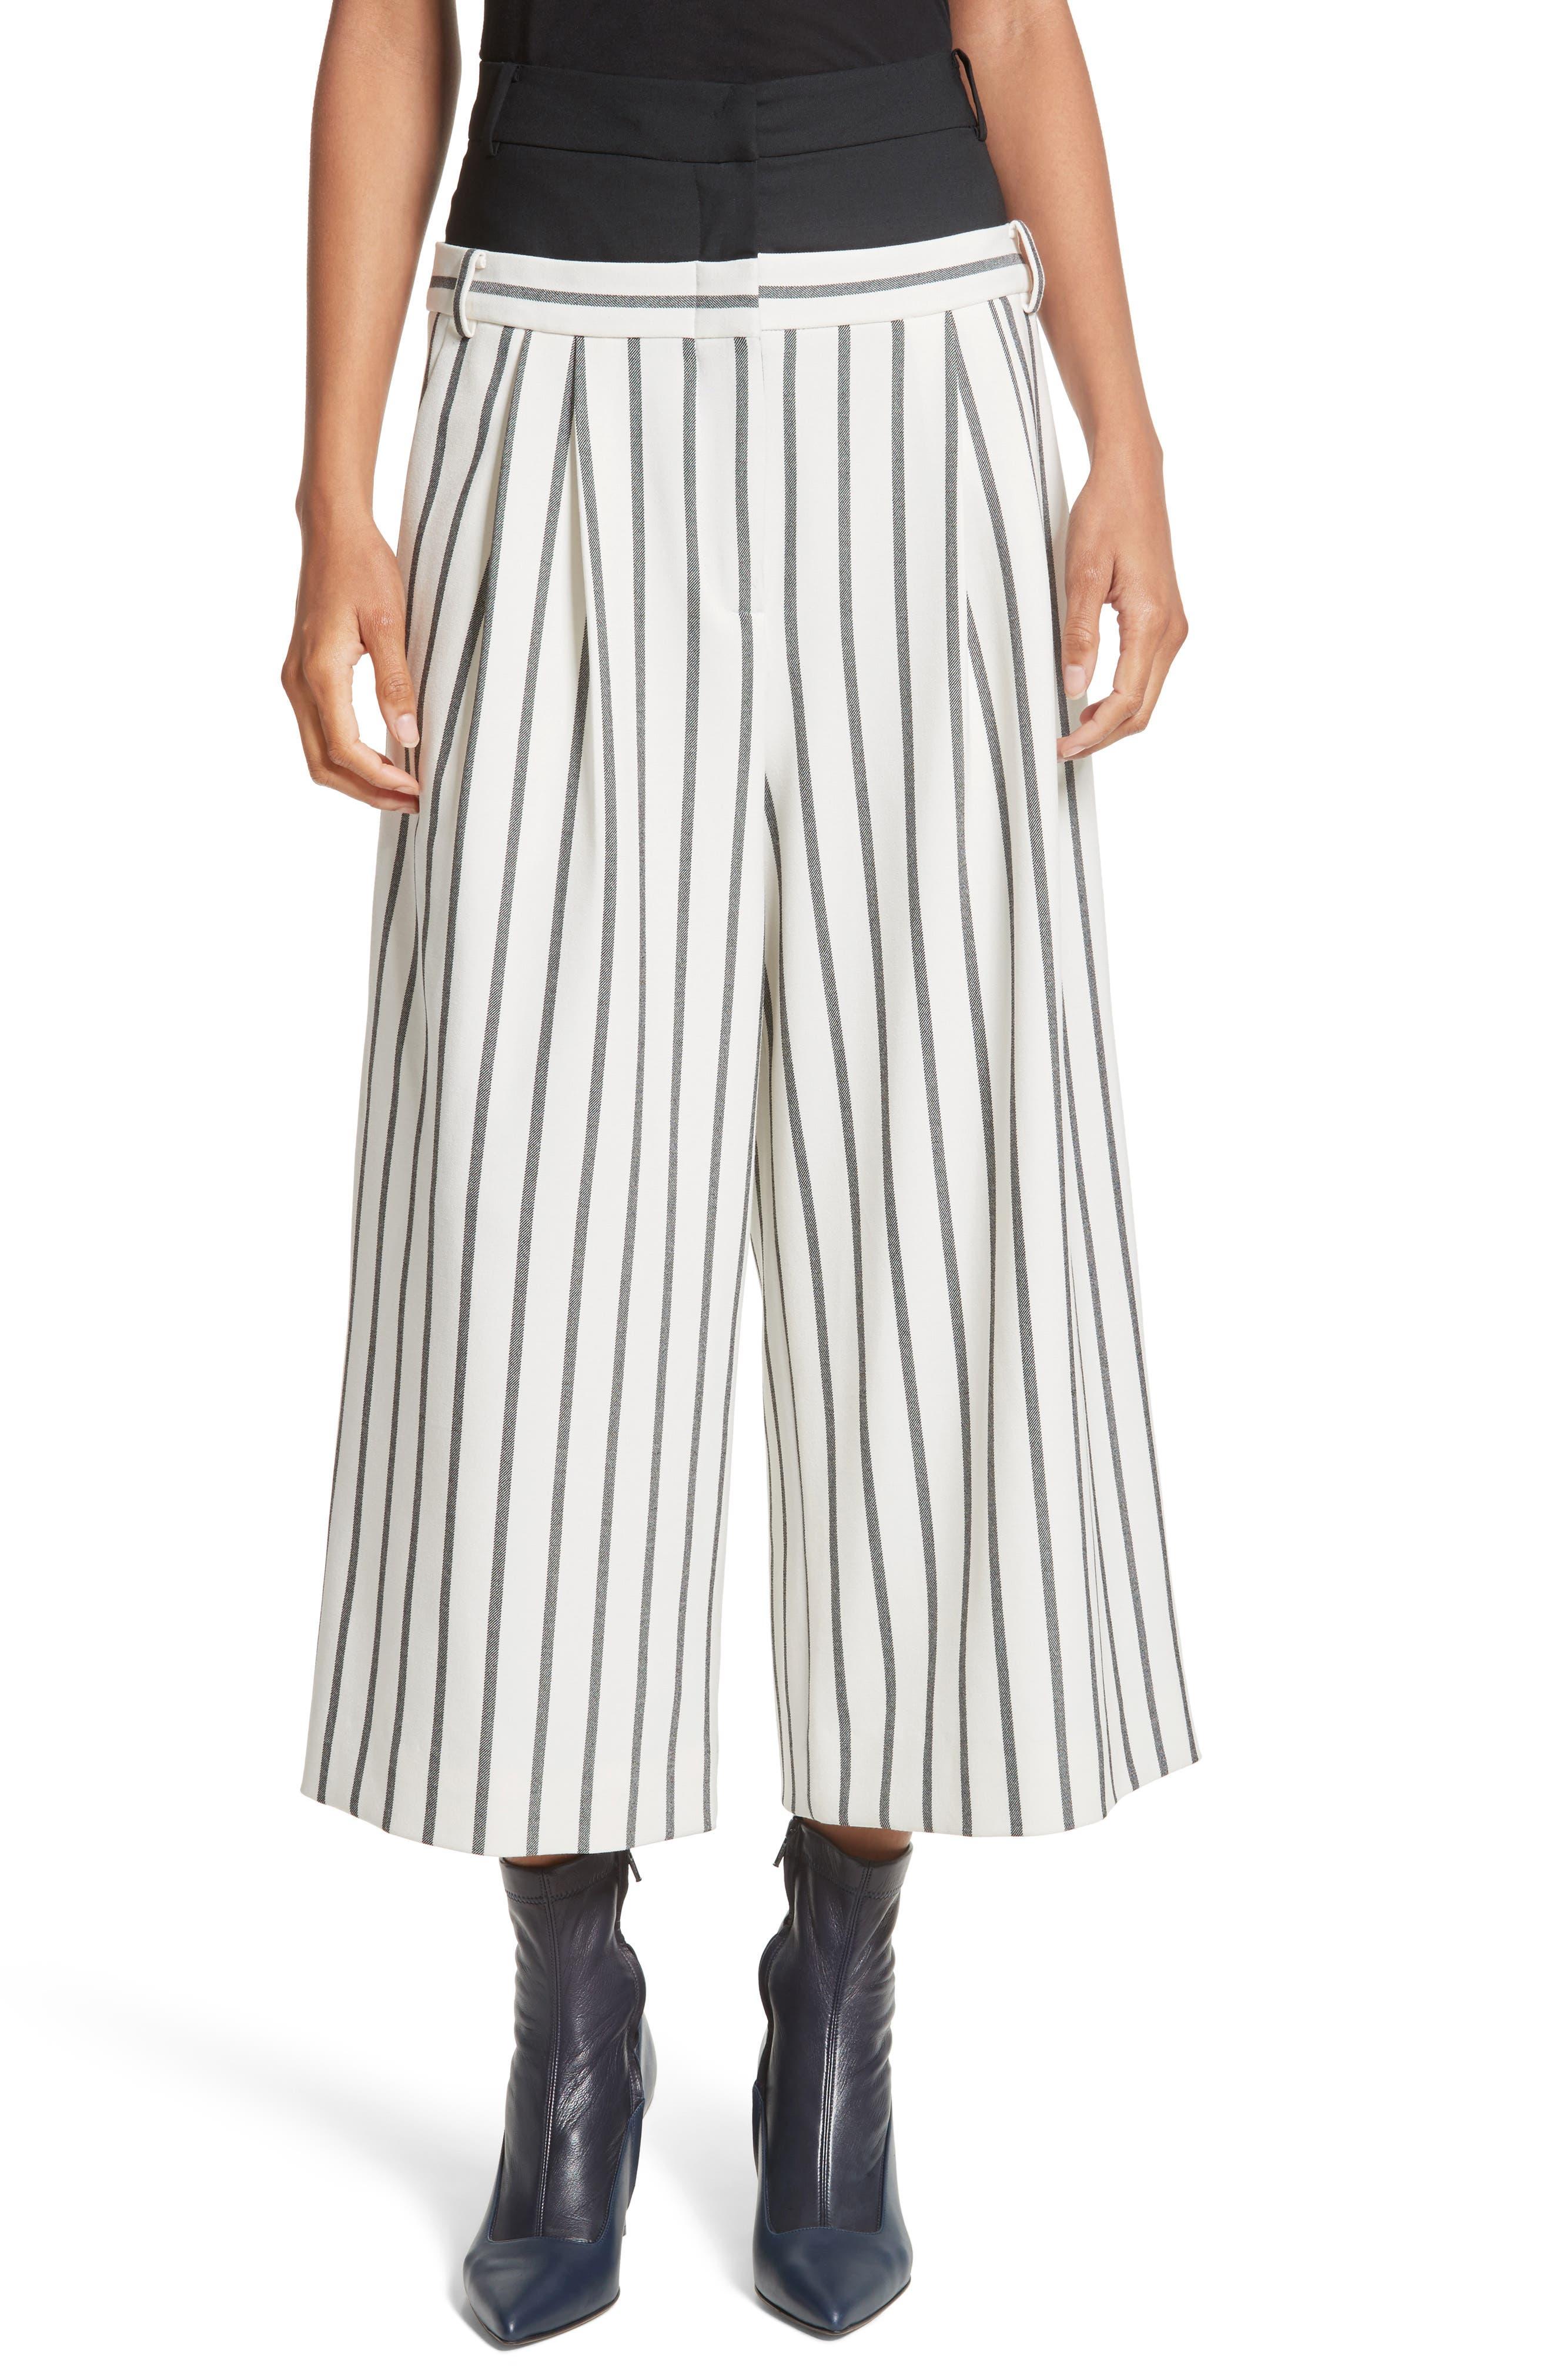 Lucci Stripe Crop Wide Leg Pants,                             Main thumbnail 1, color,                             907